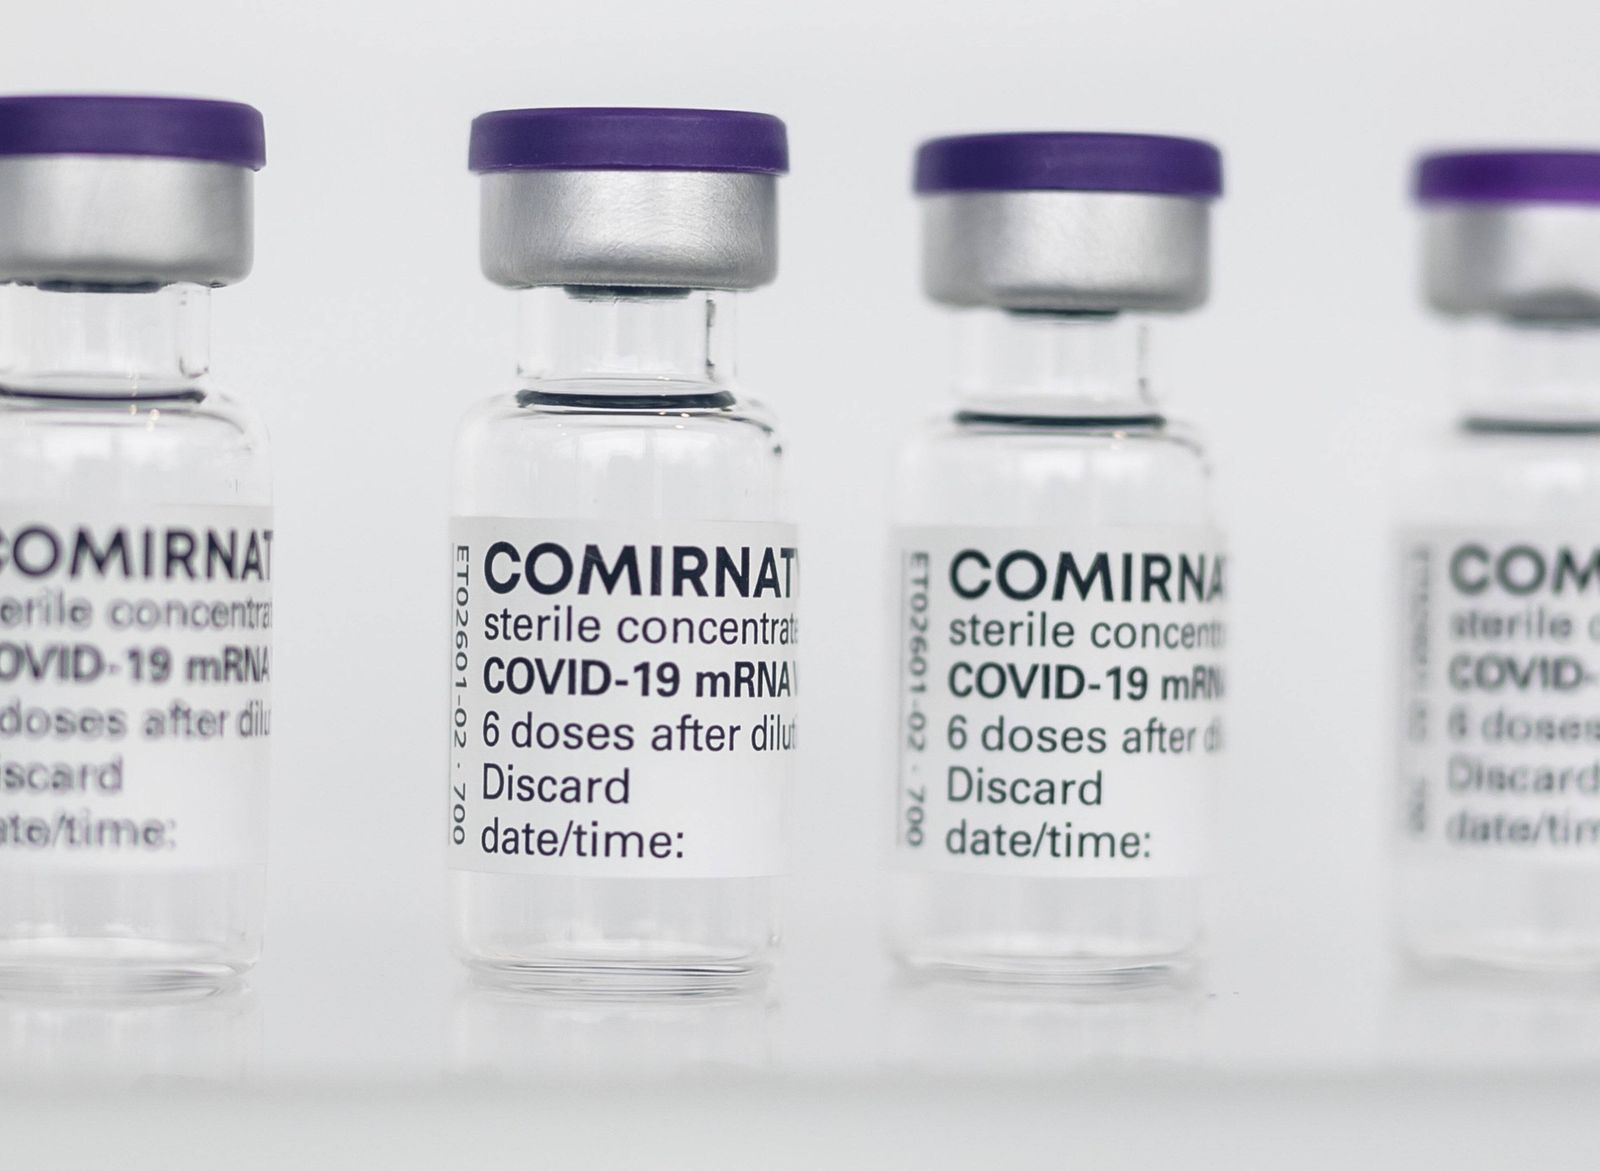 Eroeffnung einer Produktionsstaette fuer Corona Impfstoffe Comirnaty, INN-COVID-19 mRNA Vaccine, der Firma Allergopharm